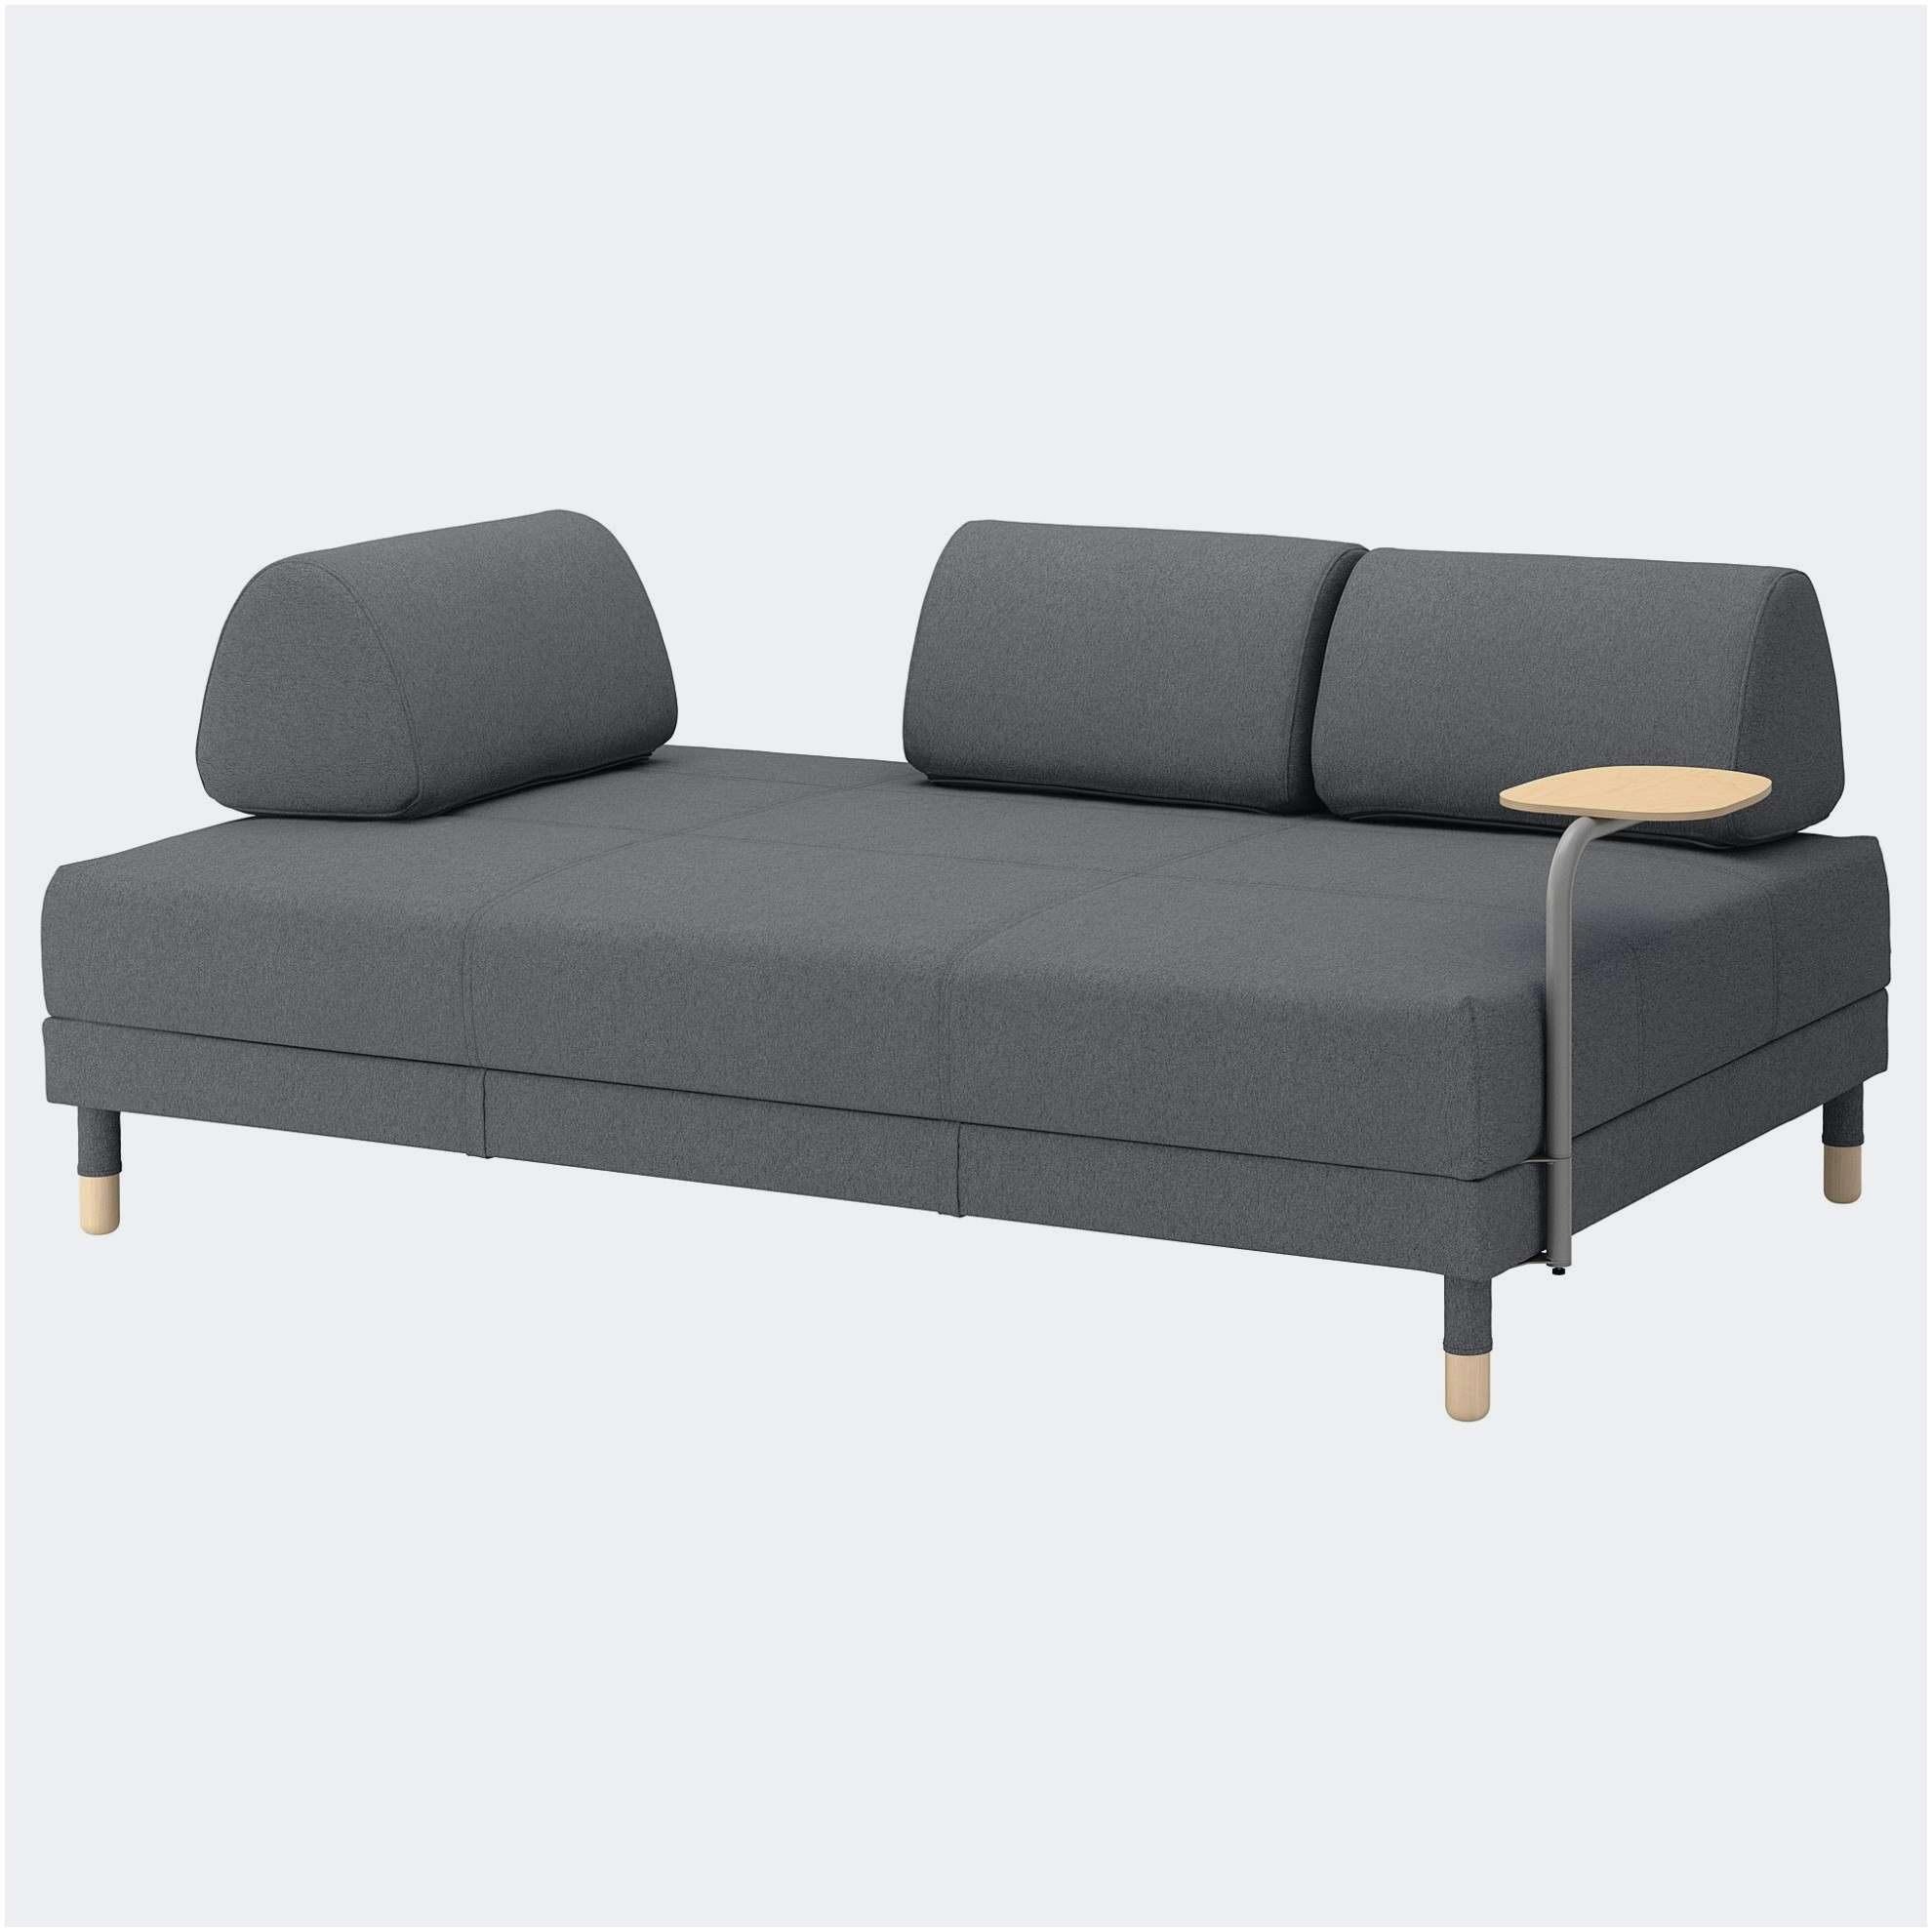 Canapé Lit La Redoute Élégant Frais 21 Satisfaisant Canapé Convertible Pas Cher Ikea Canapé